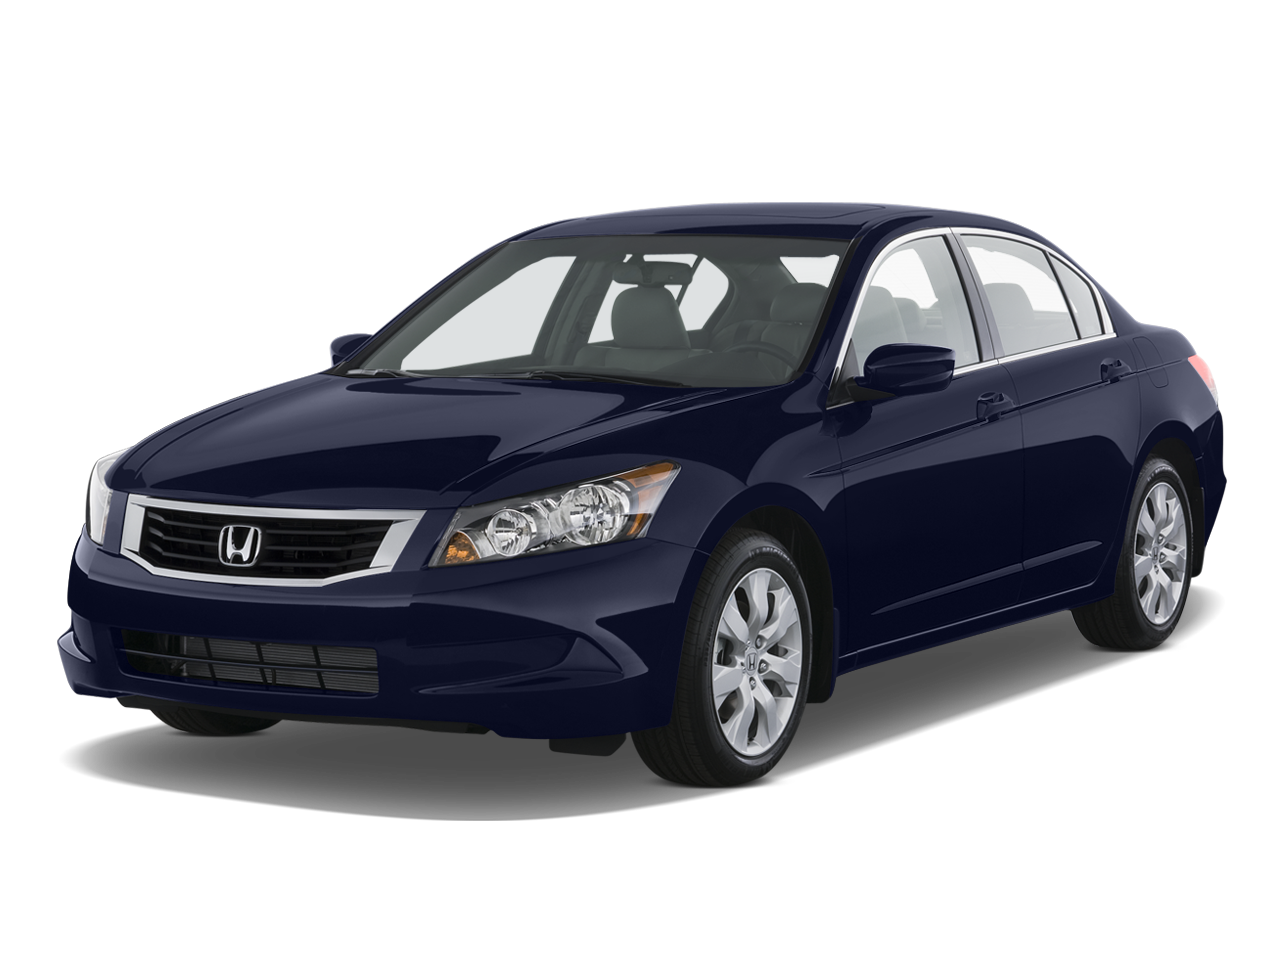 Лобовое стекло Honda Accord с местом под датчик дождя и молдингом (2008-2012)